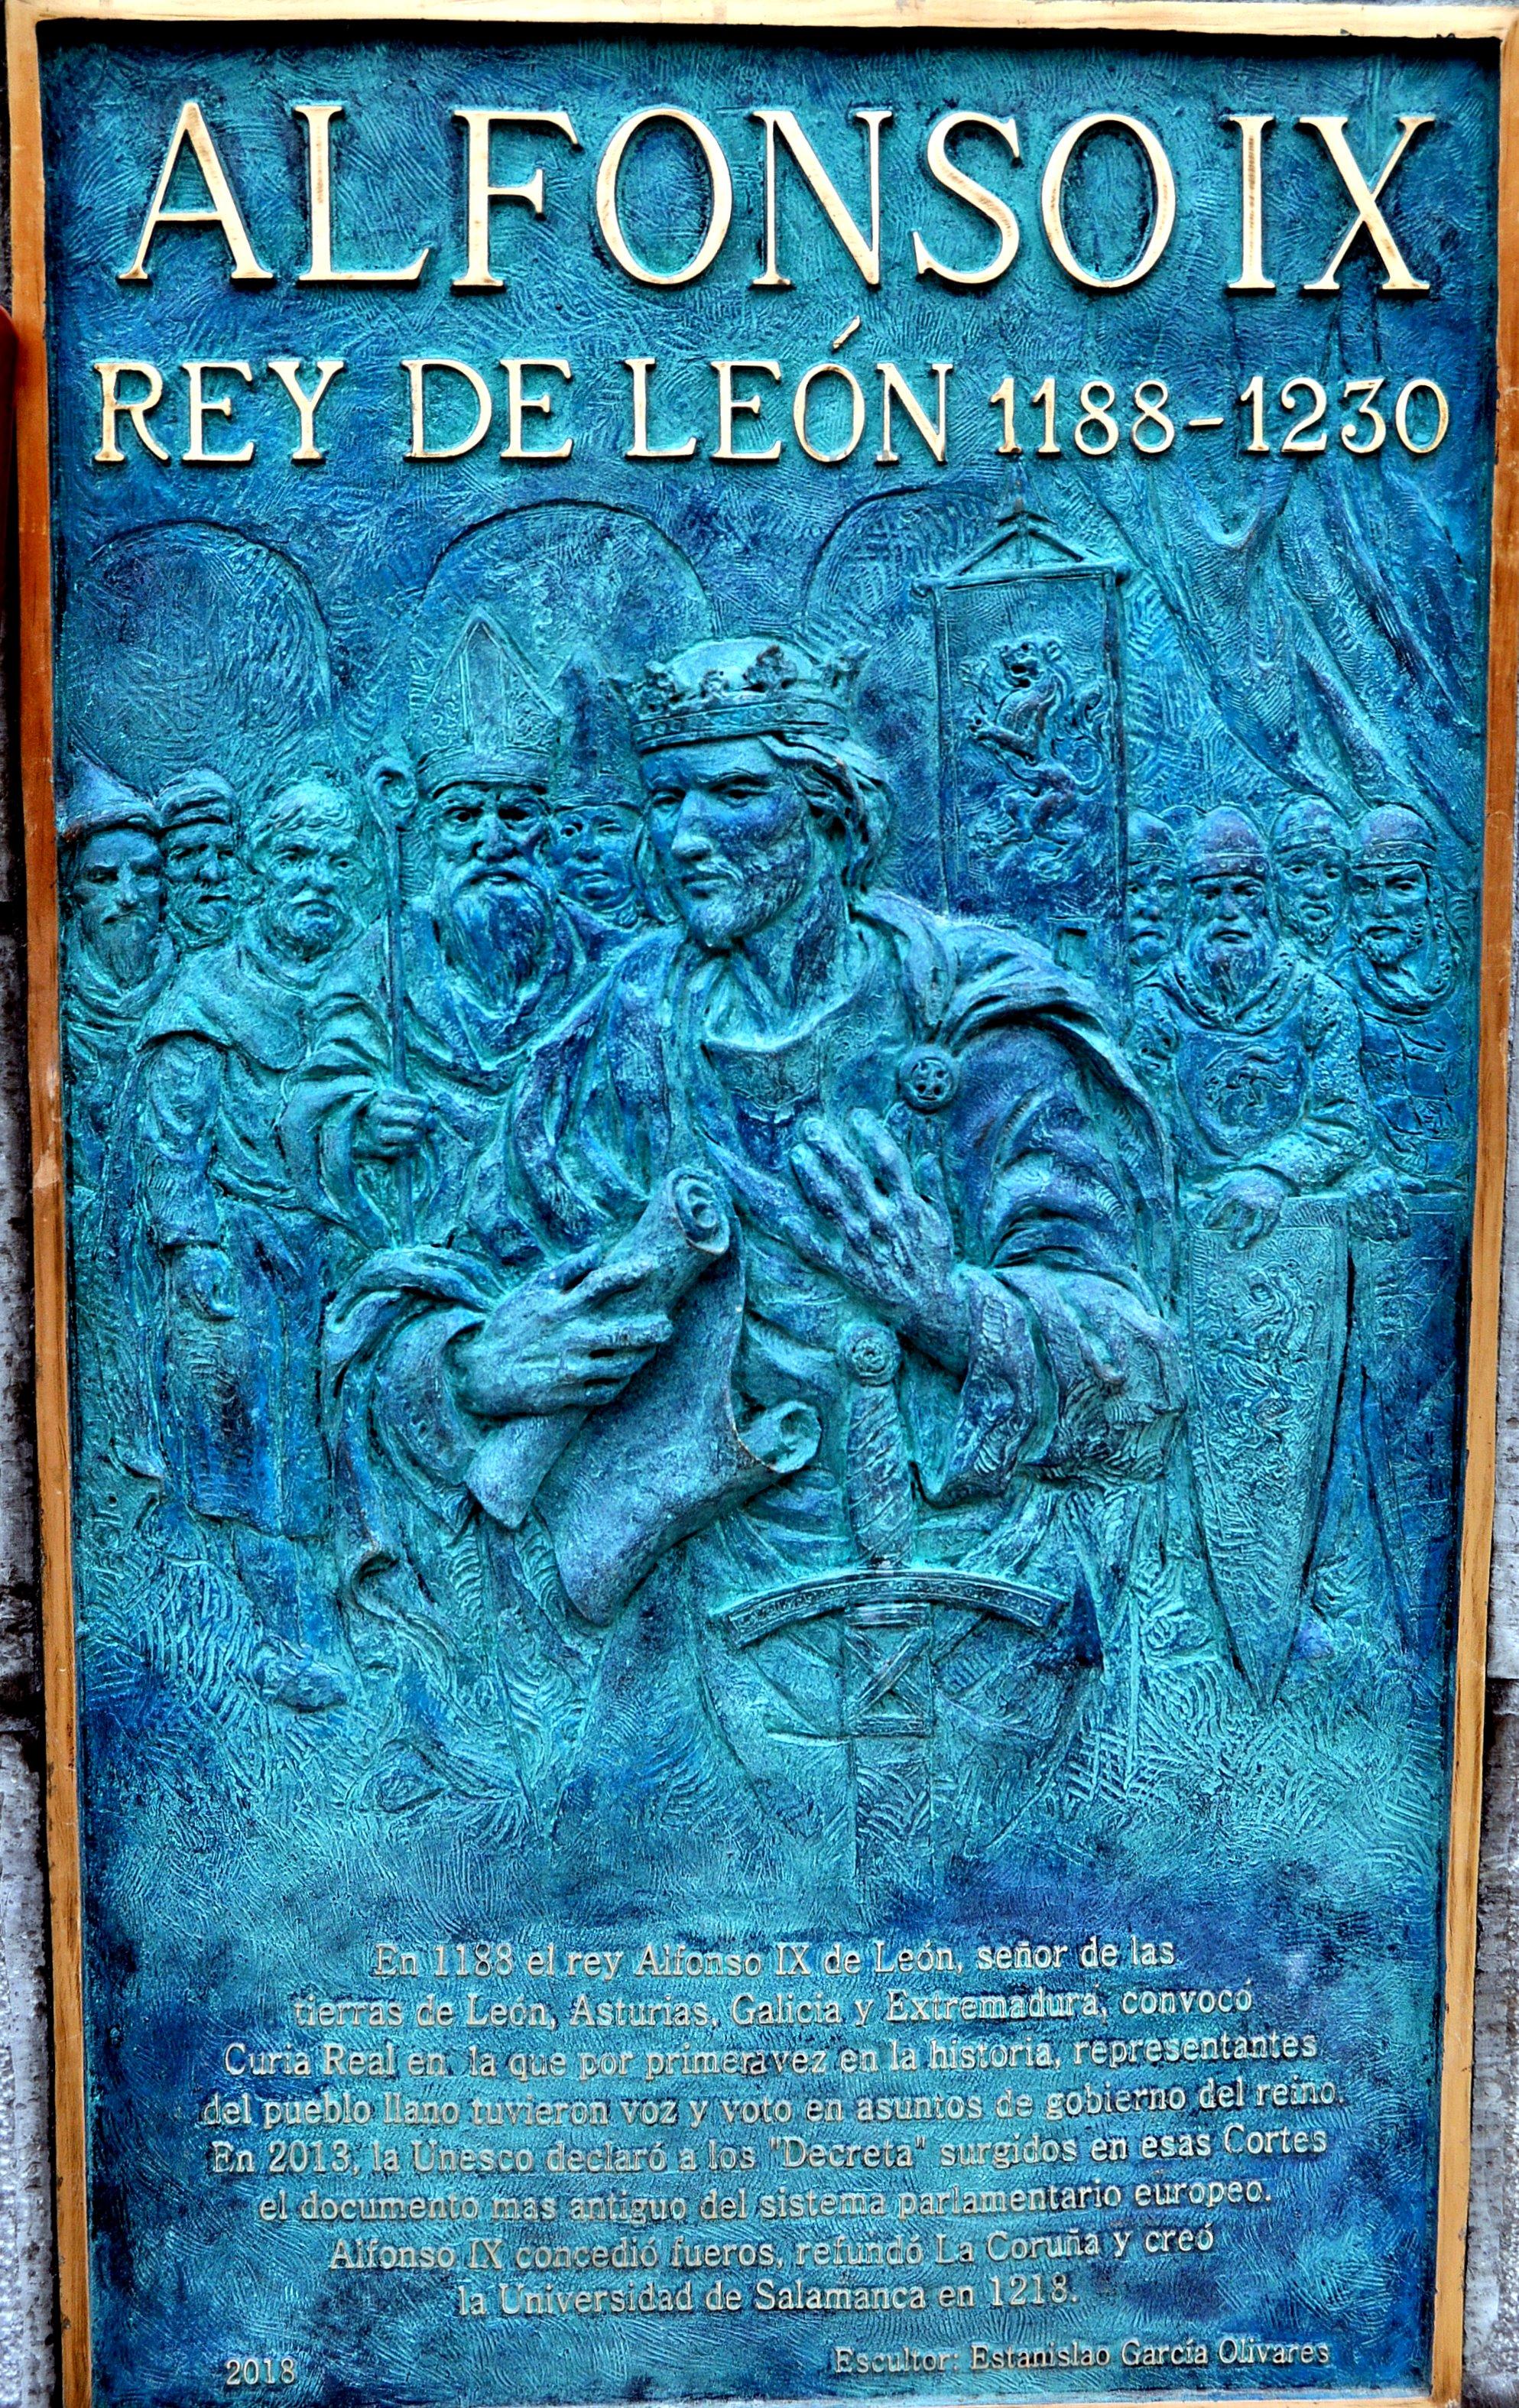 Grabado y leyenda en el pedestal del monumento.